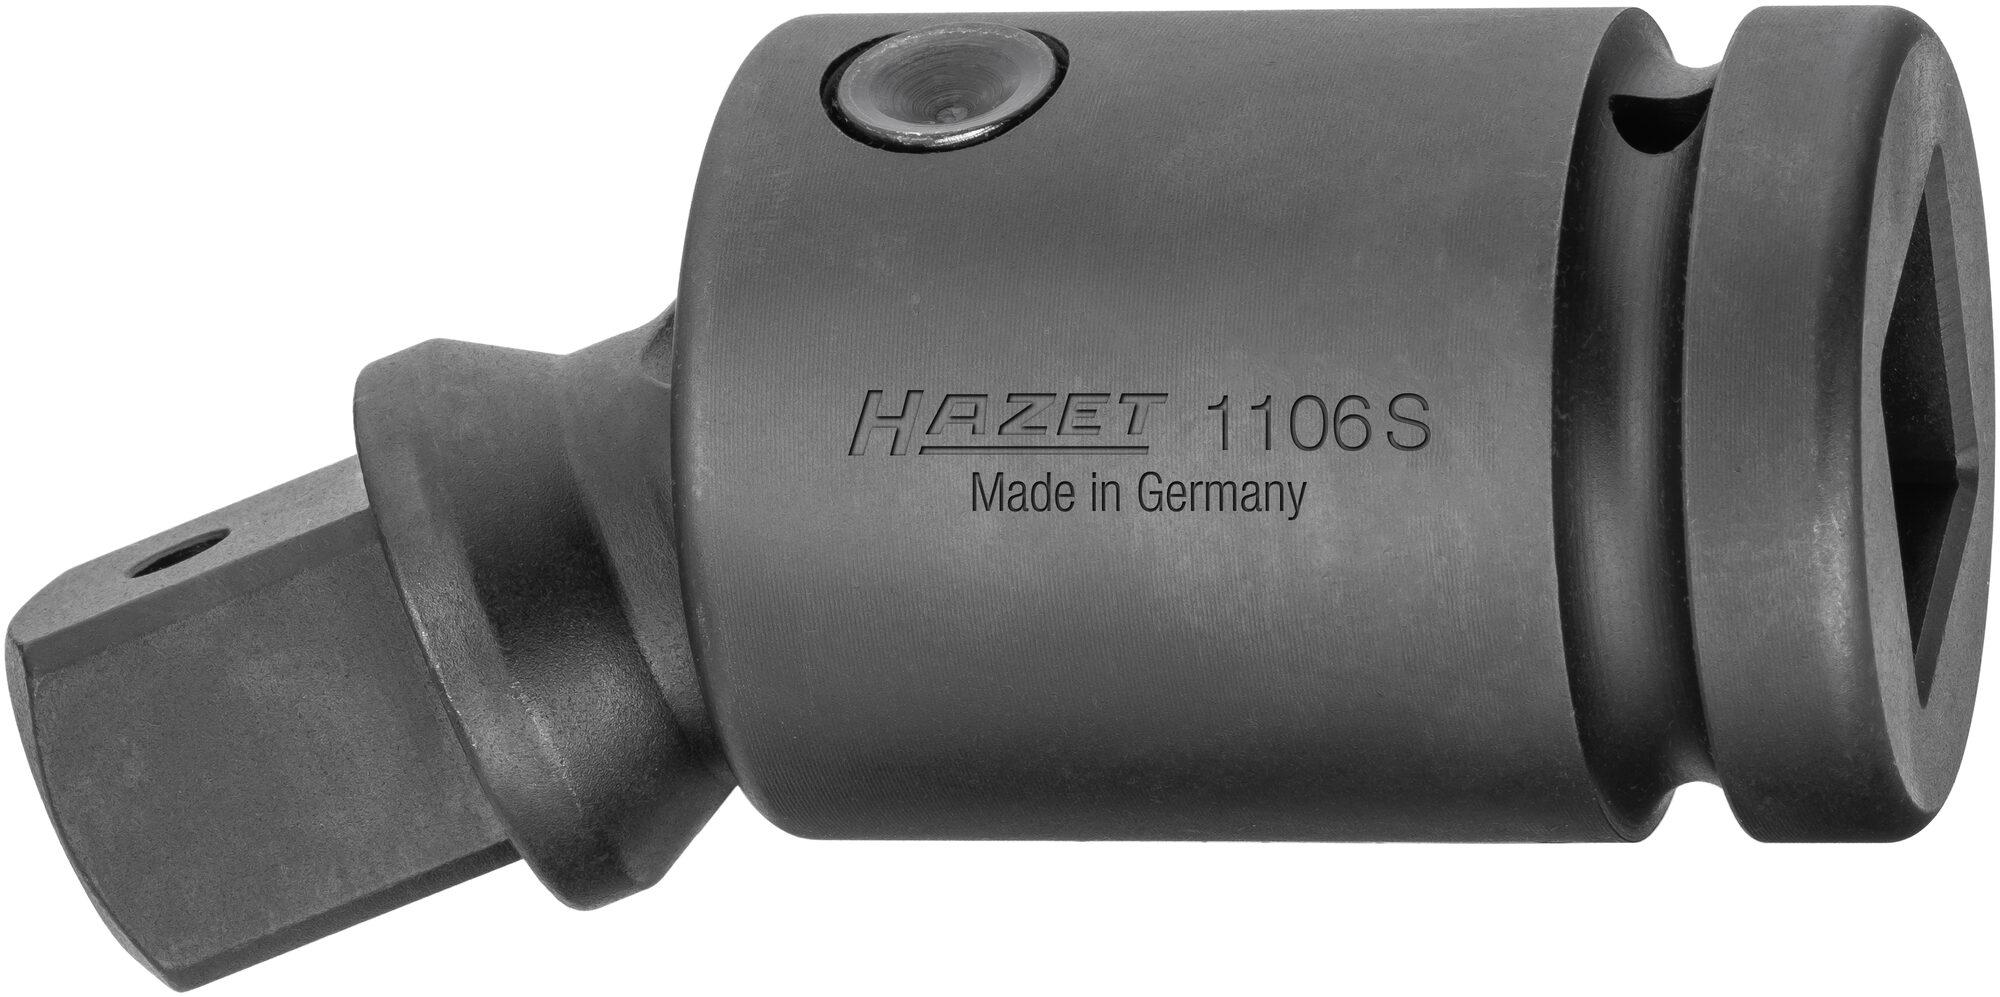 HAZET Schlag- ∙ Maschinenschrauber Gelenkstück 1106S ∙ Vierkant hohl 25 mm (1 Zoll) ∙ Vierkant massiv 25 mm (1 Zoll)